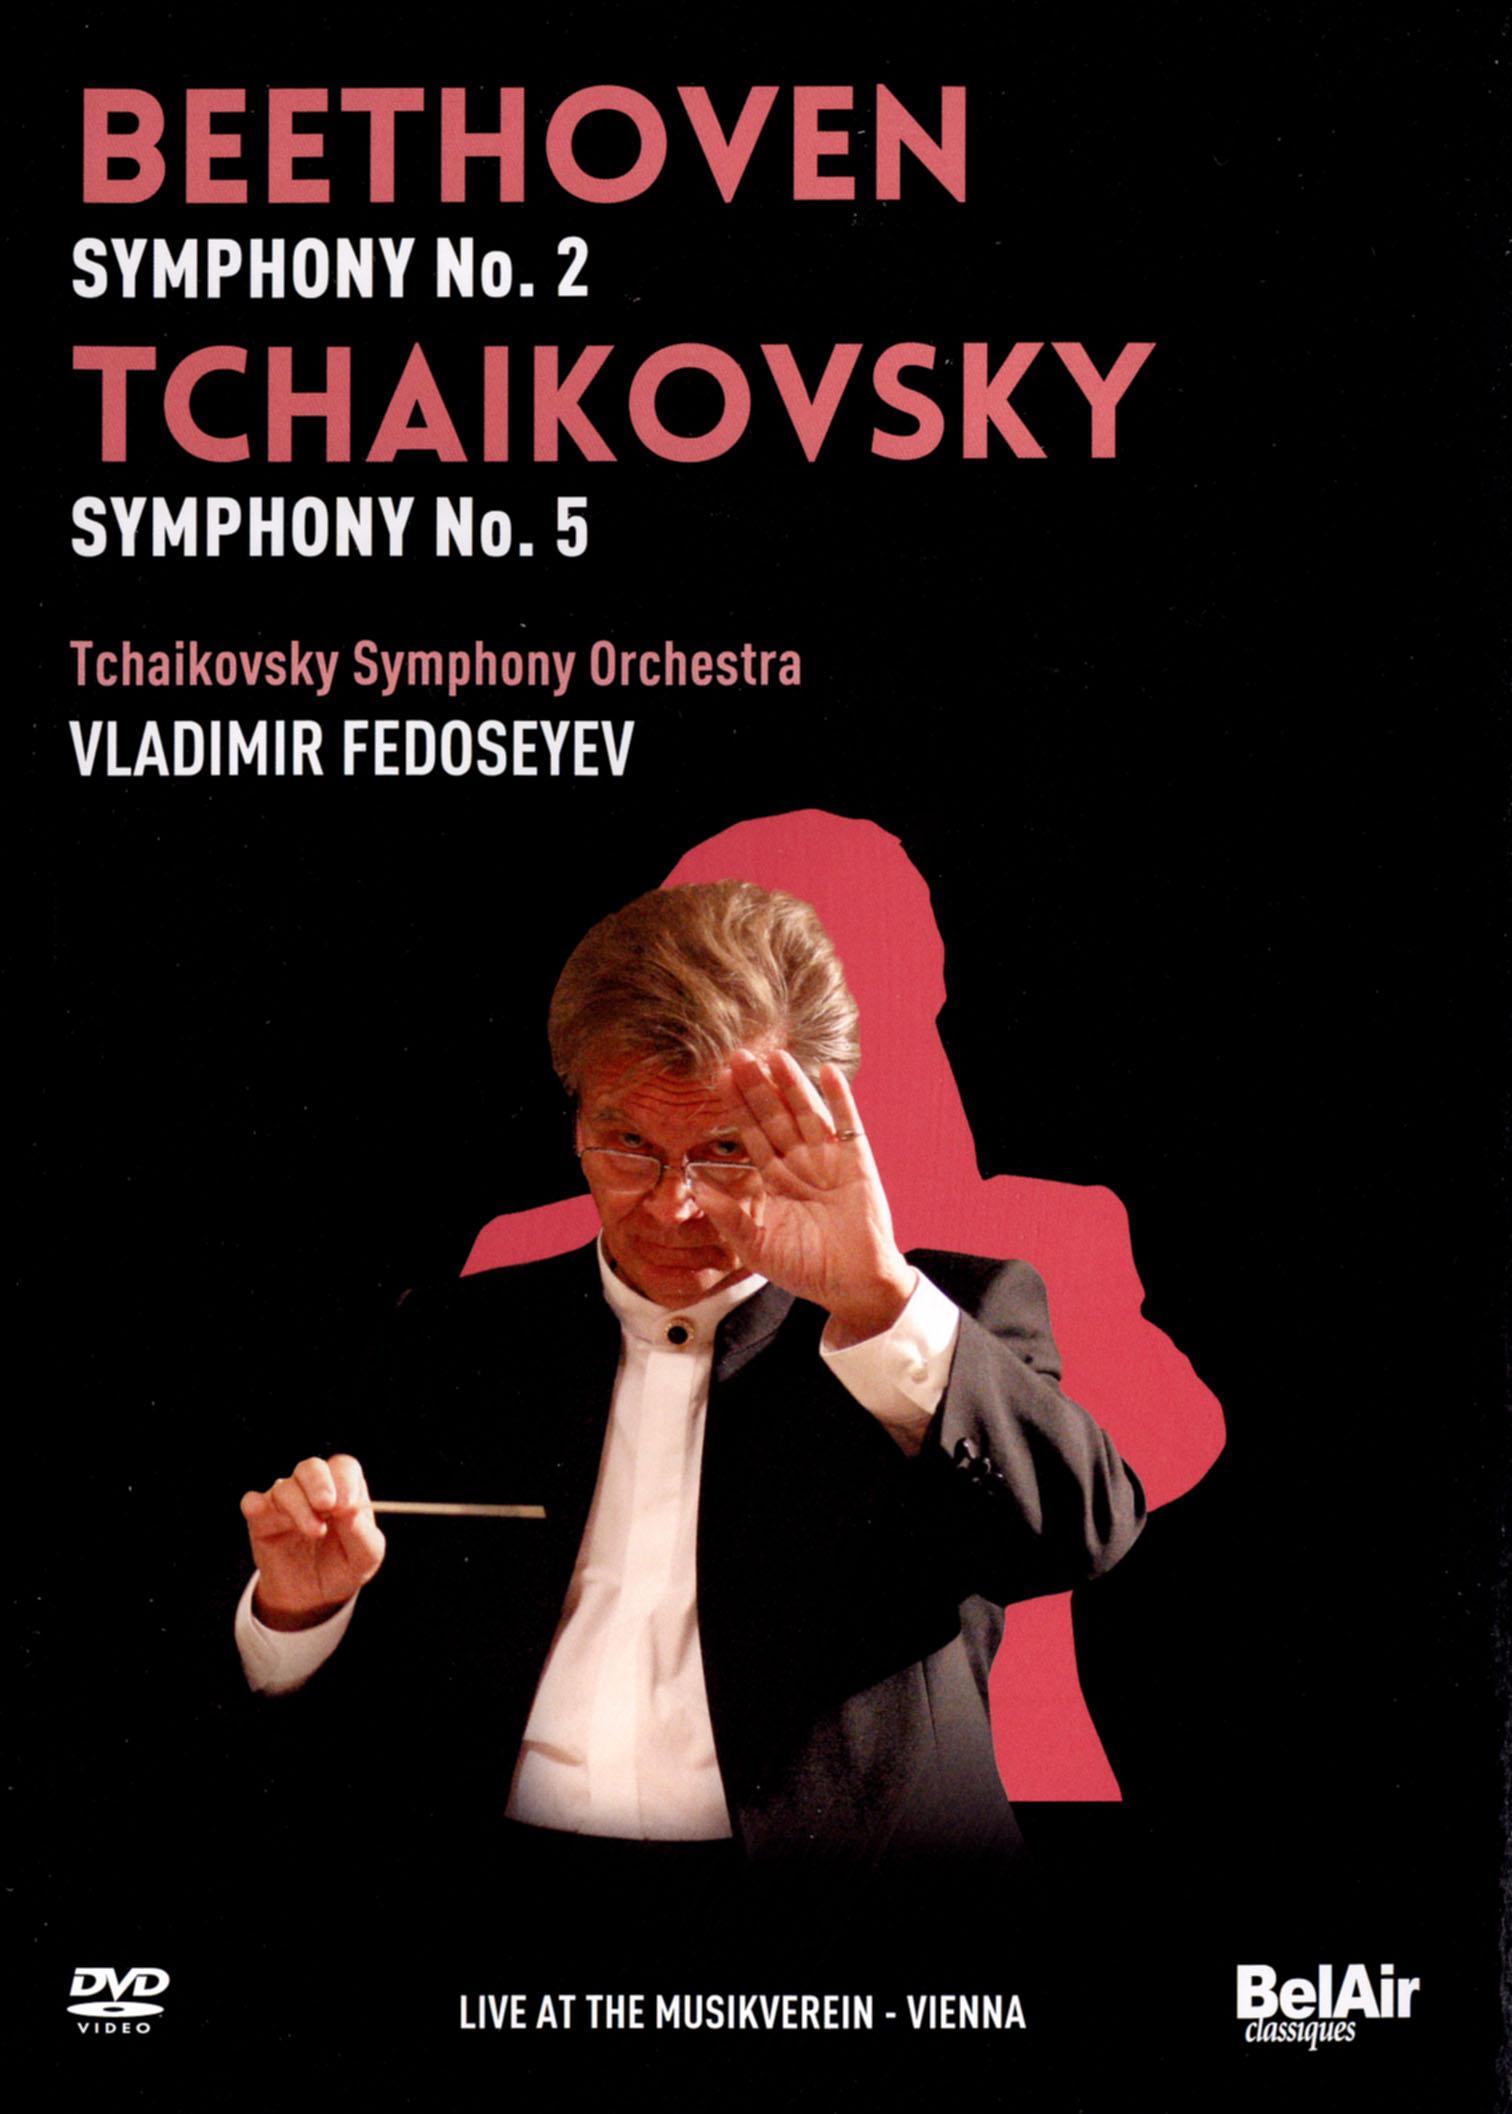 Tchaikovsky Symphony Orchestra/Vladimir Fedoseyev: Beethoven - Symphony No. 2/Tchaikovsky - Symphony